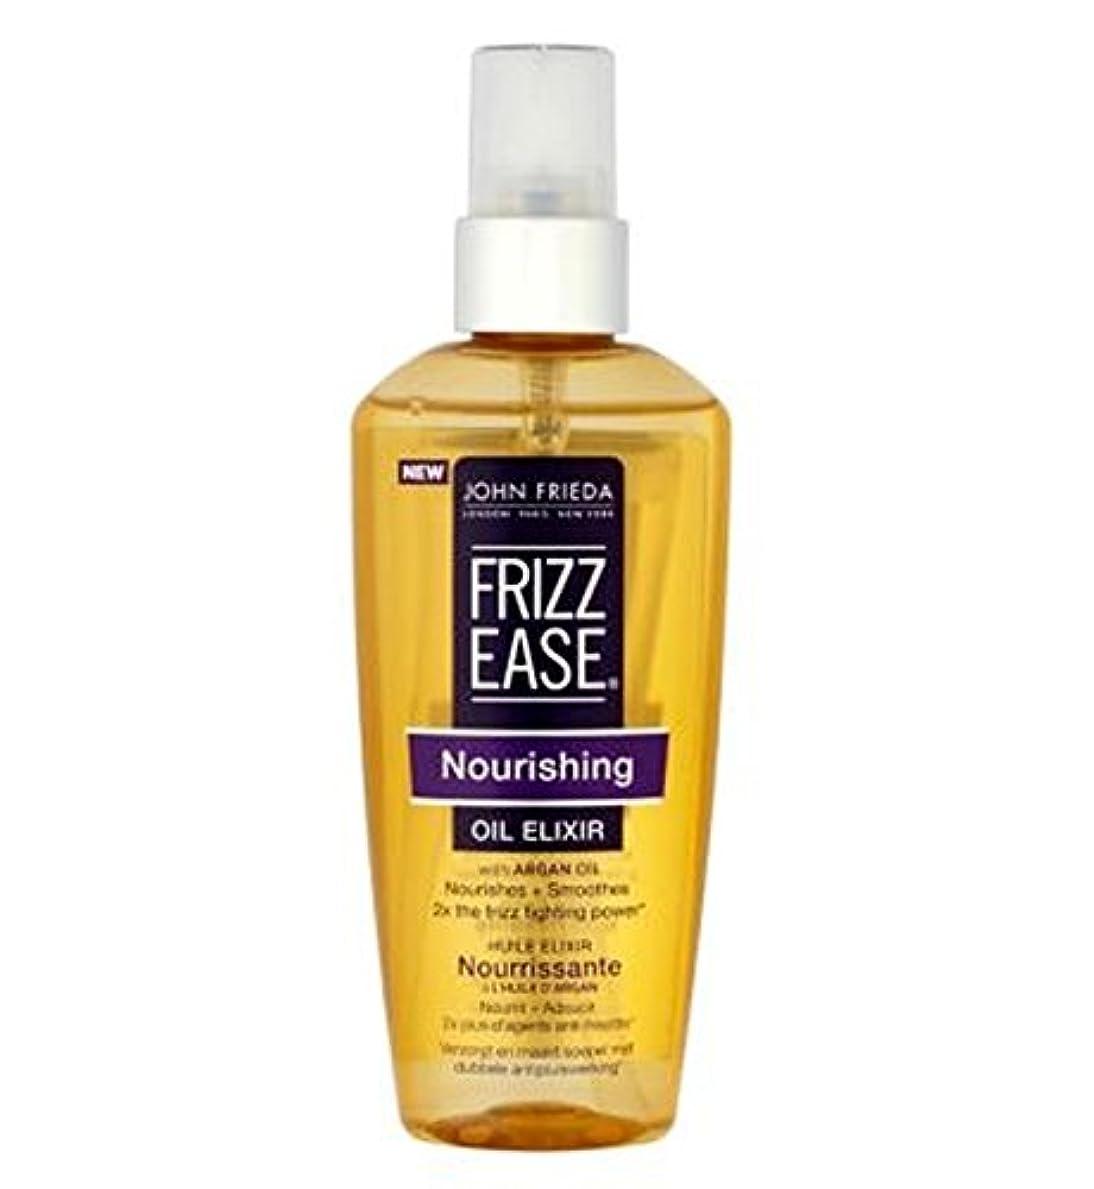 羊飼い然とした従事するジョン?フリーダ縮れ-容易栄養オイルエリキシルの100ミリリットル (John Frieda) (x2) - John Frieda Frizz-Ease Nourishing Oil Elixir 100ml (Pack of 2) [並行輸入品]